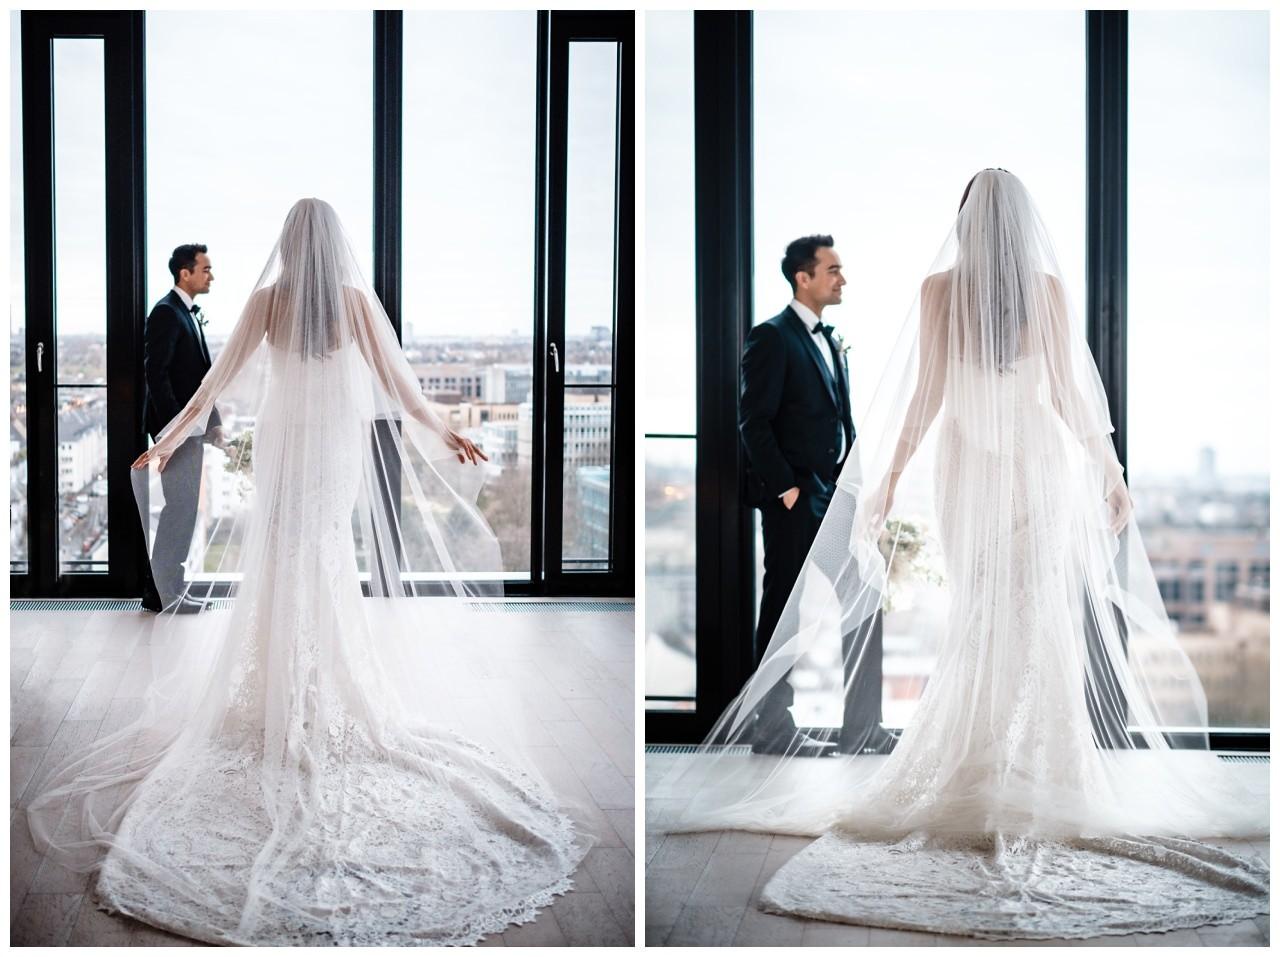 hochzeitsfotos düsseldorf hochzeitsfotograf shooting hund haustier 38 - Hochzeitsfotos in Düsseldorf